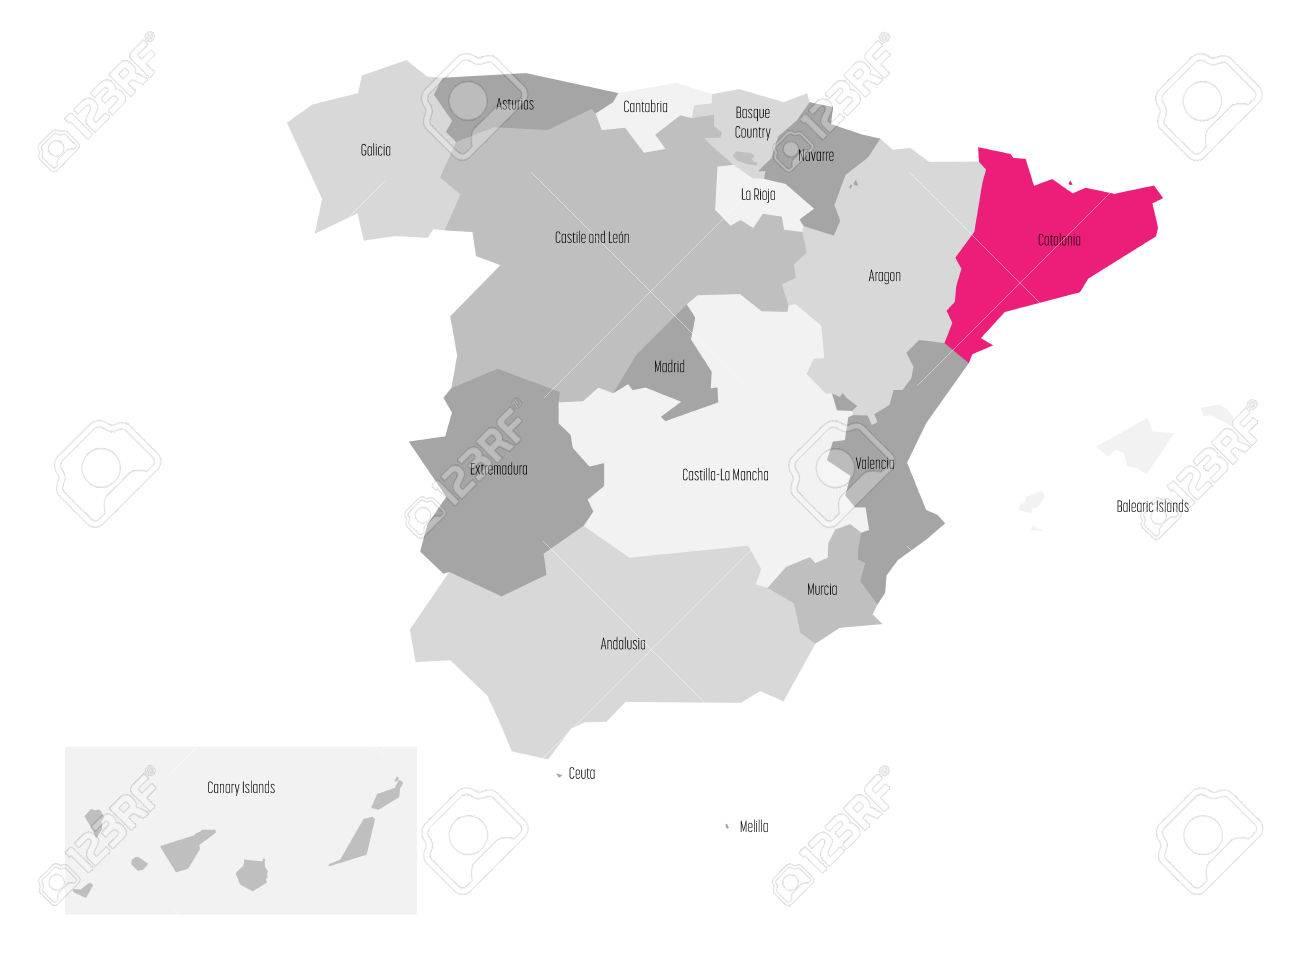 Cartina Spagna Catalogna.Vettoriale Mappa Della Spagna Suddivisa In 17 Comunita Autonome Amministrative Con Regione Della Catalogna Rosa Evidenziata Mappa Vettoriale Semplice Piatta In Tonalita Di Grigio Image 87430792